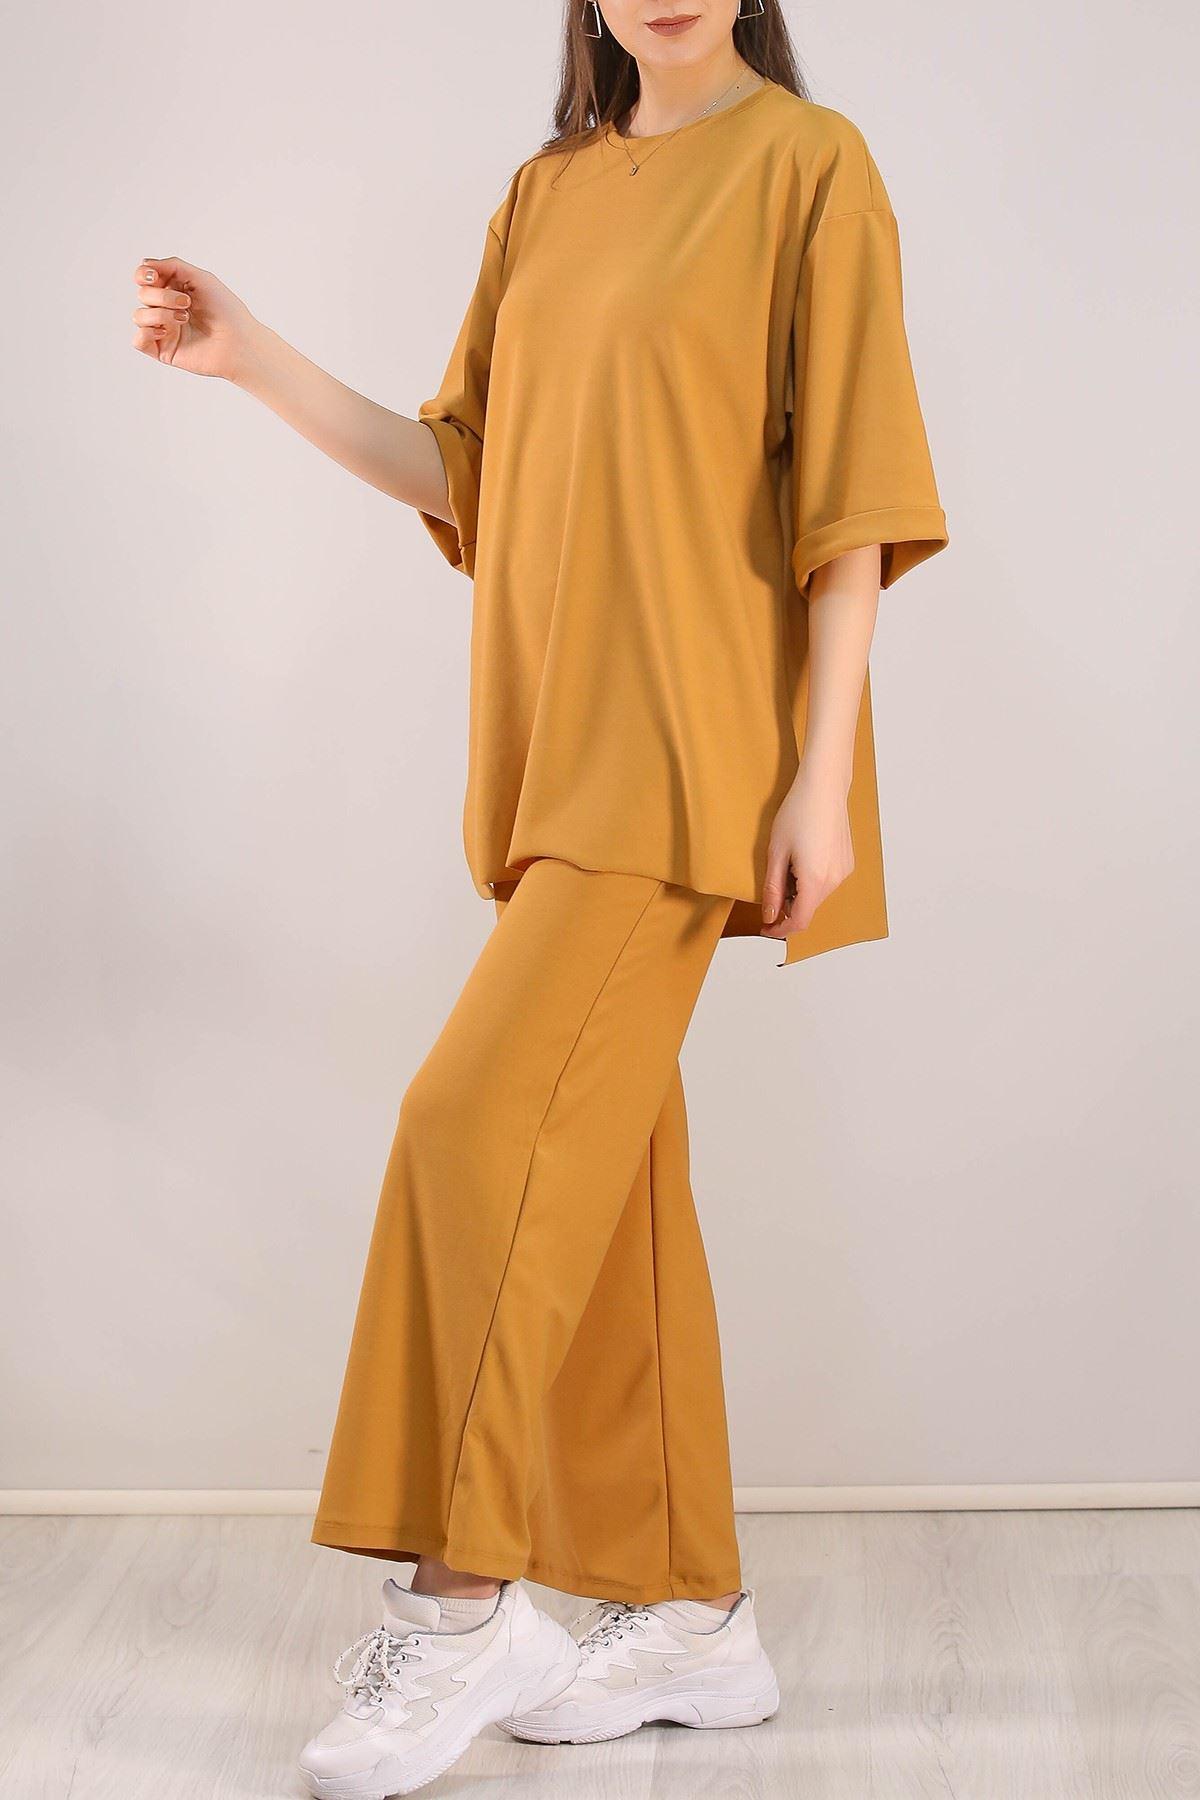 Duble Kol Örme Takım Camel - 5064.994.